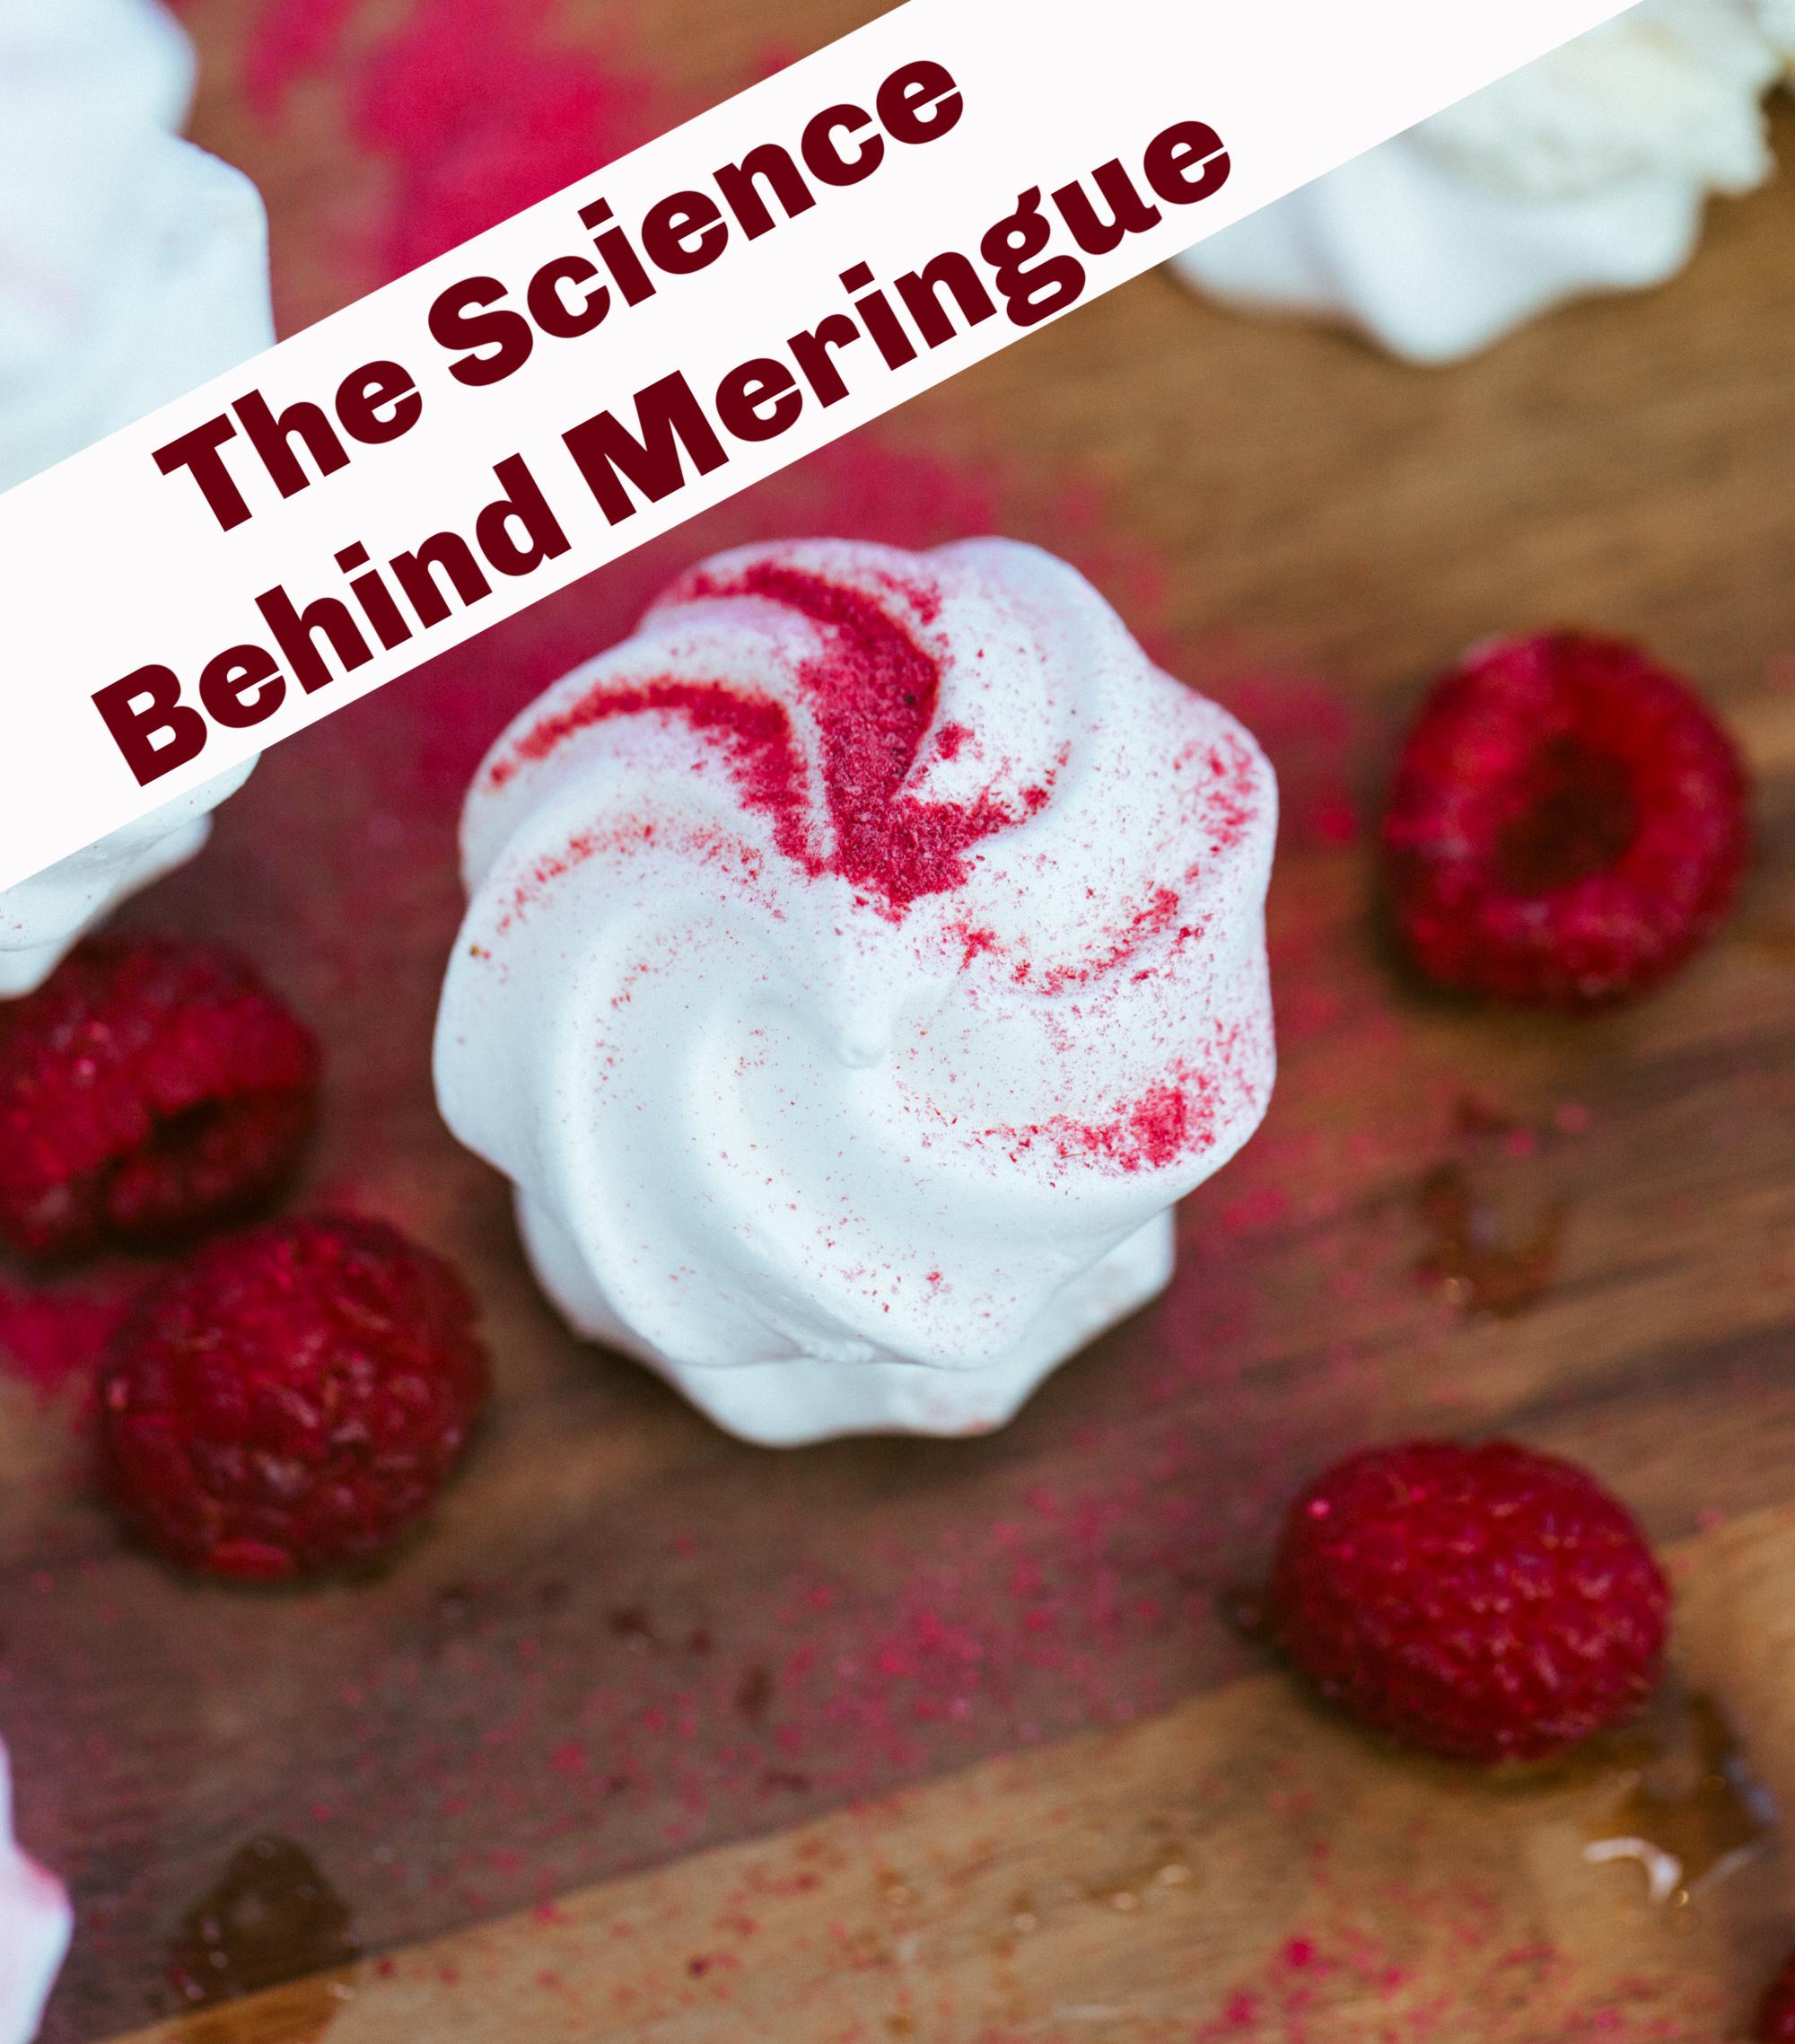 Meringue and raspberries - the science behind meringue